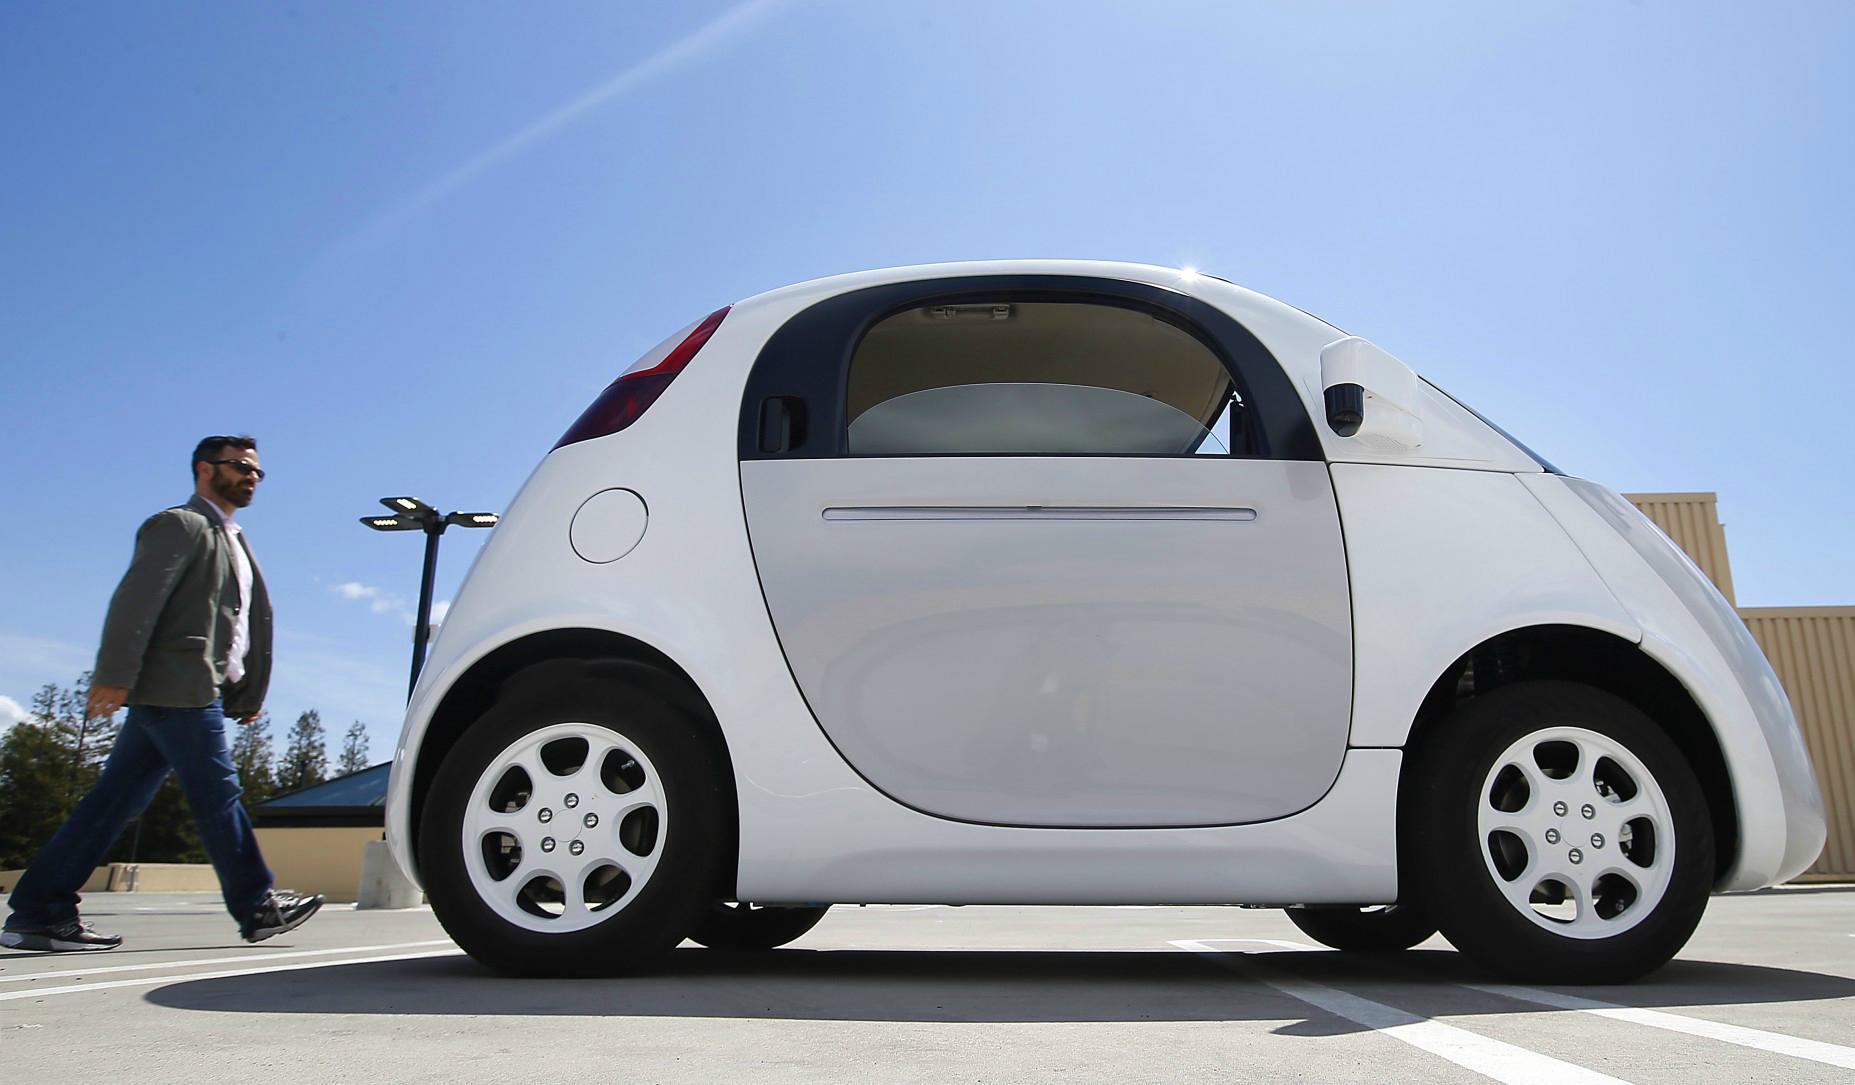 O problema dos carros do Google: Humanos